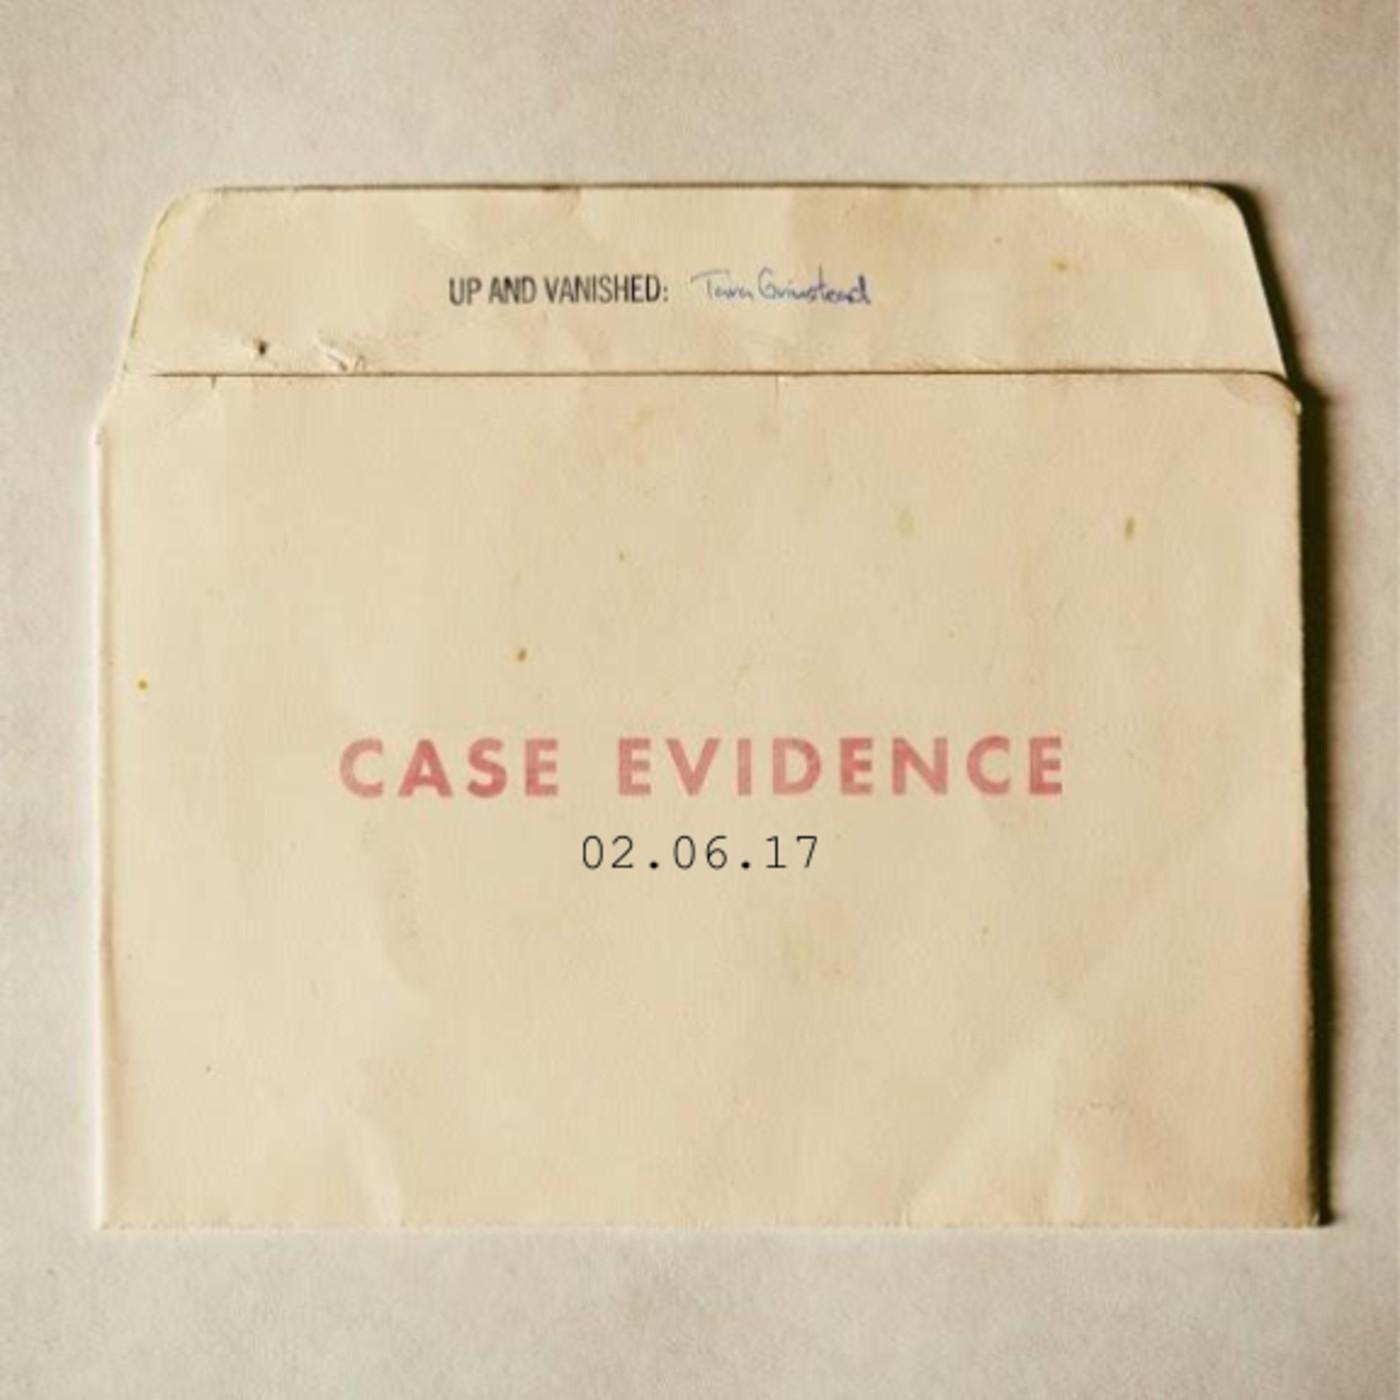 S1E : Case Evidence 02.06.17